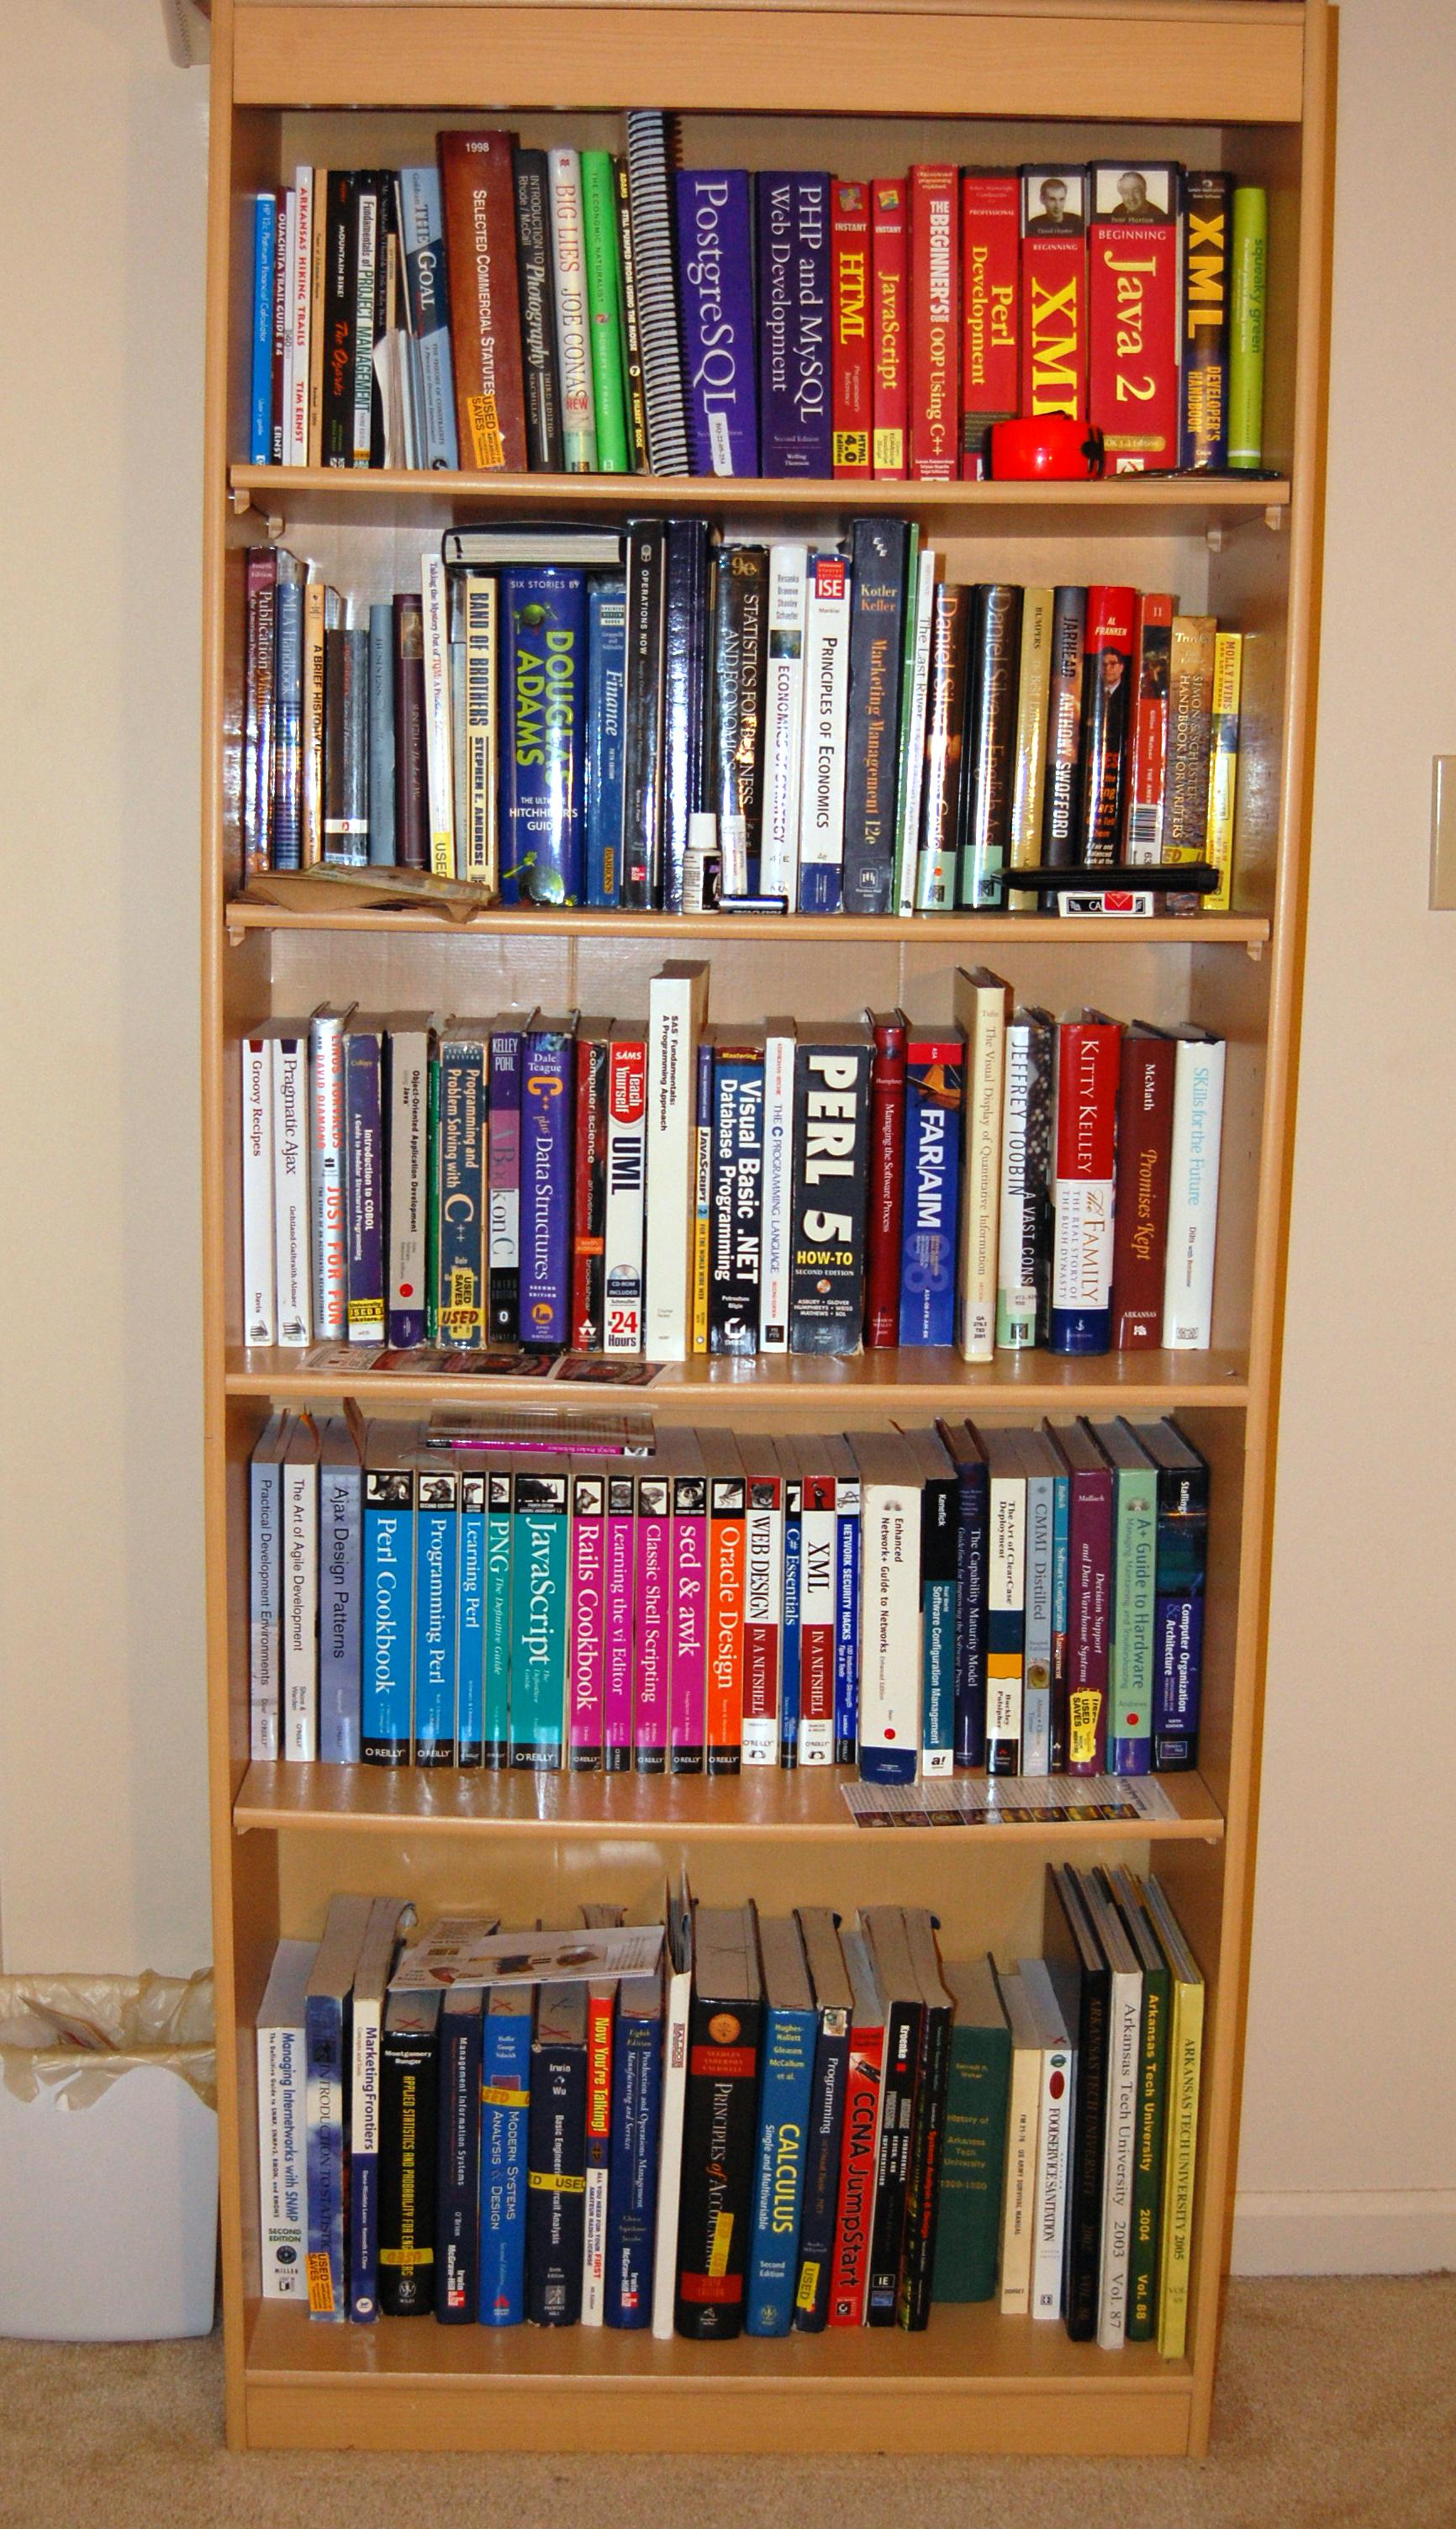 One Large Bookshelf